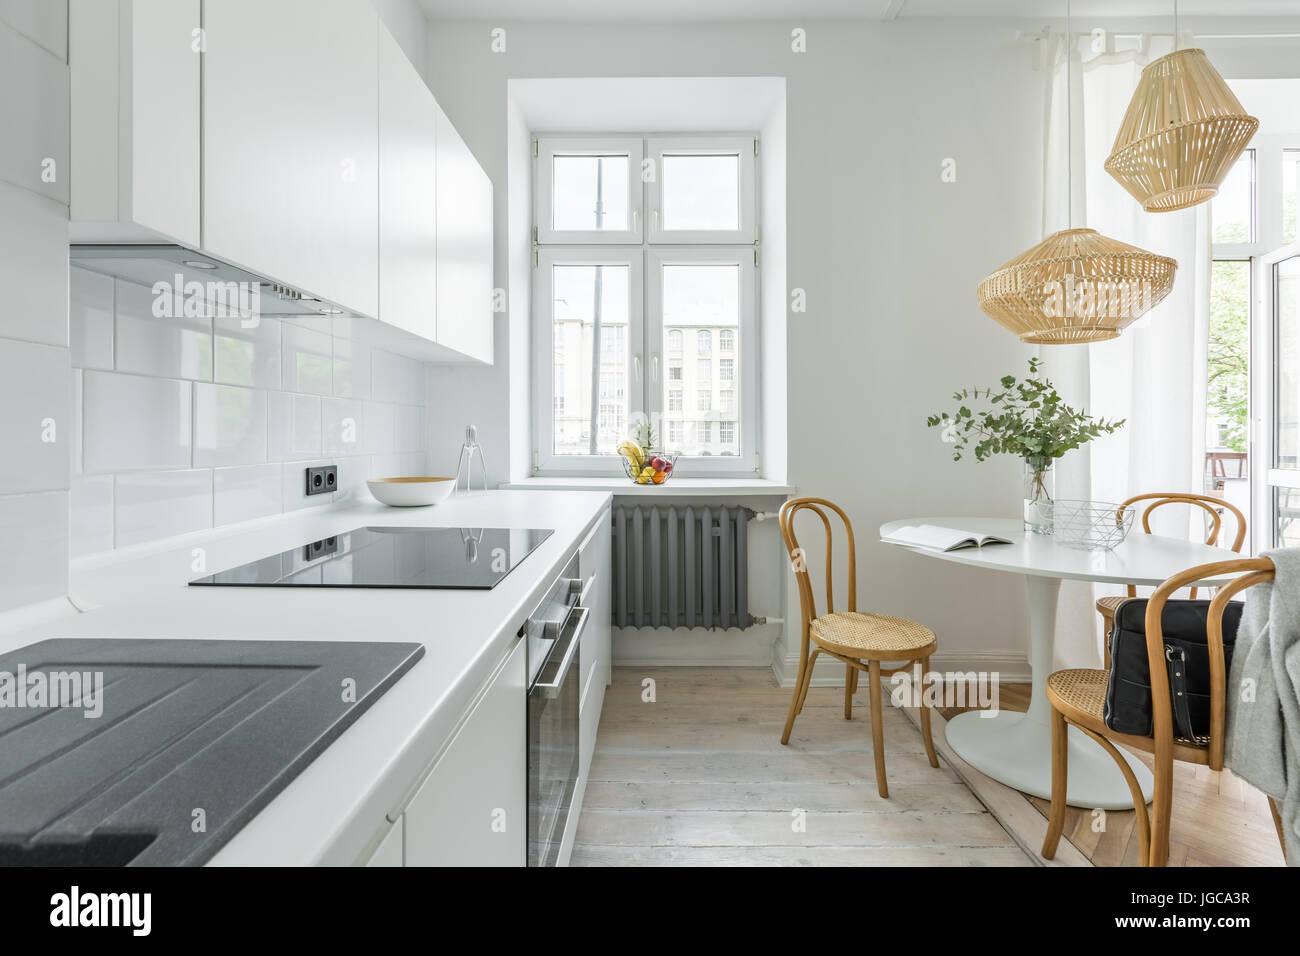 Cucina bianca in stile scandinavo con tavolo rotondo e sedie ...